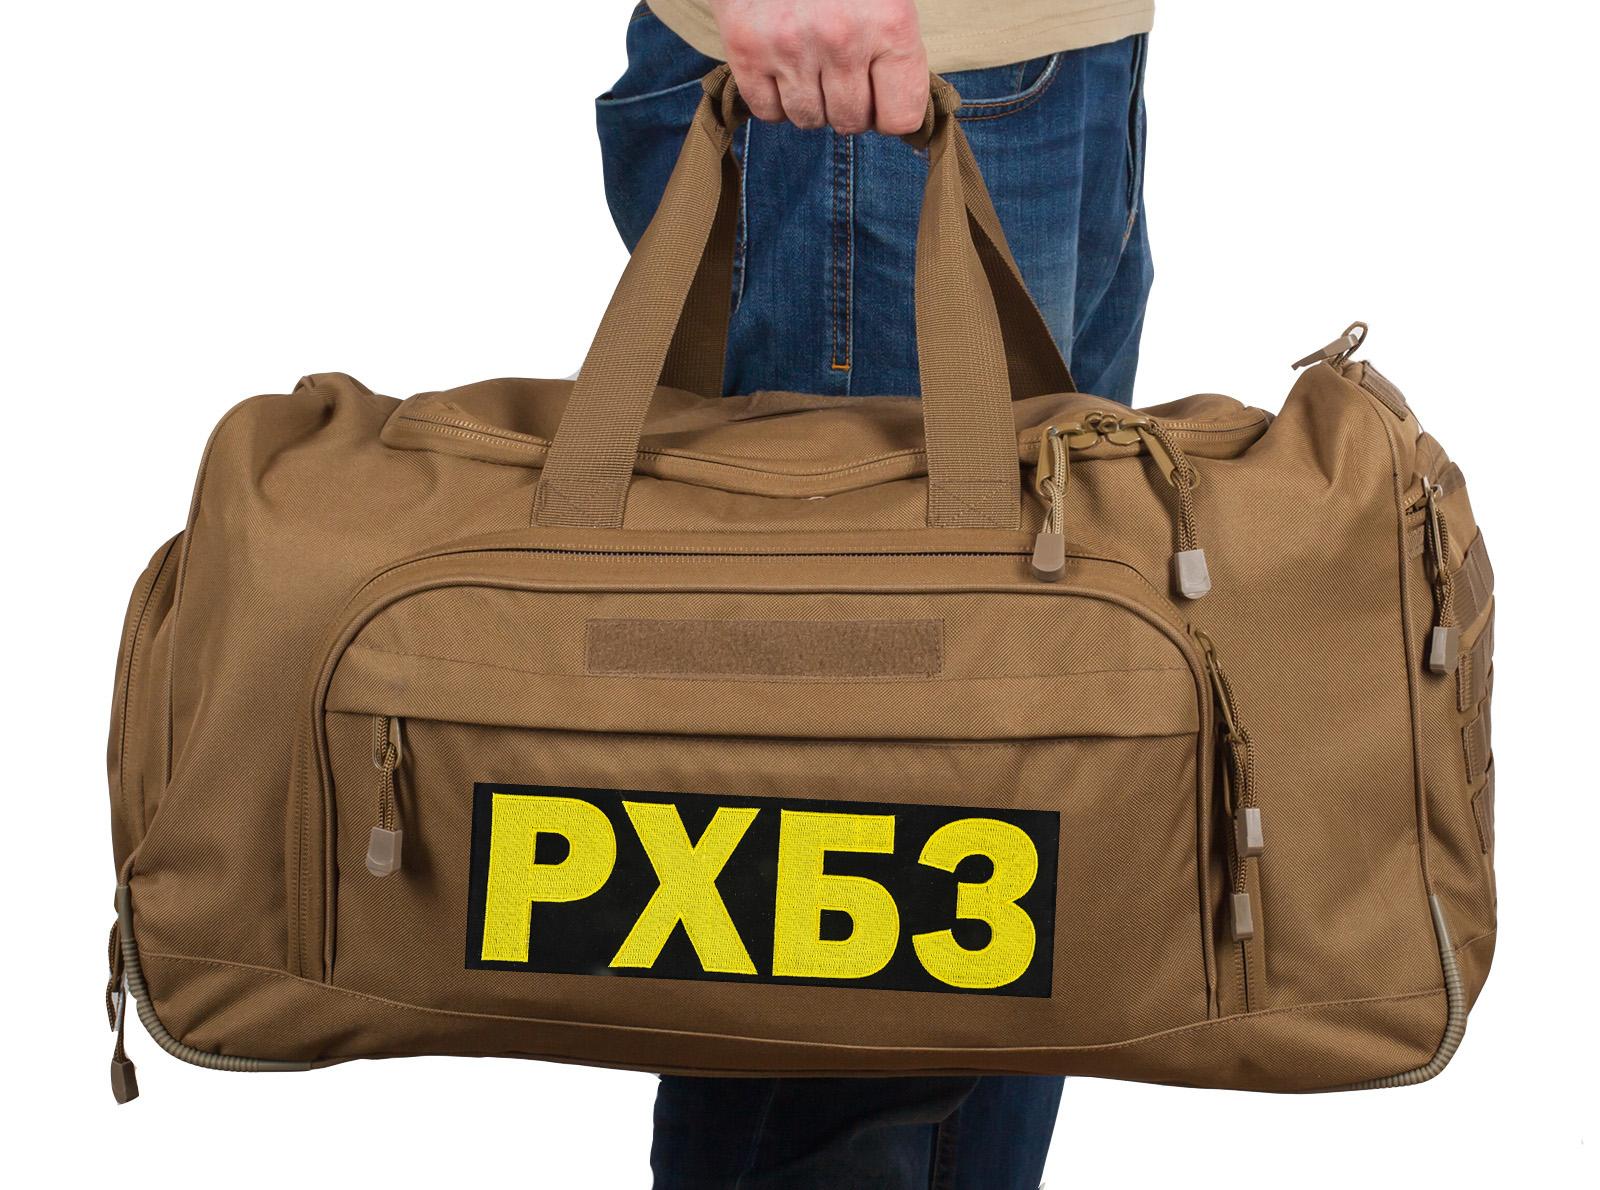 Купить большую дорожную сумку РХБЗ 08032B Coyote оптом или в розницу